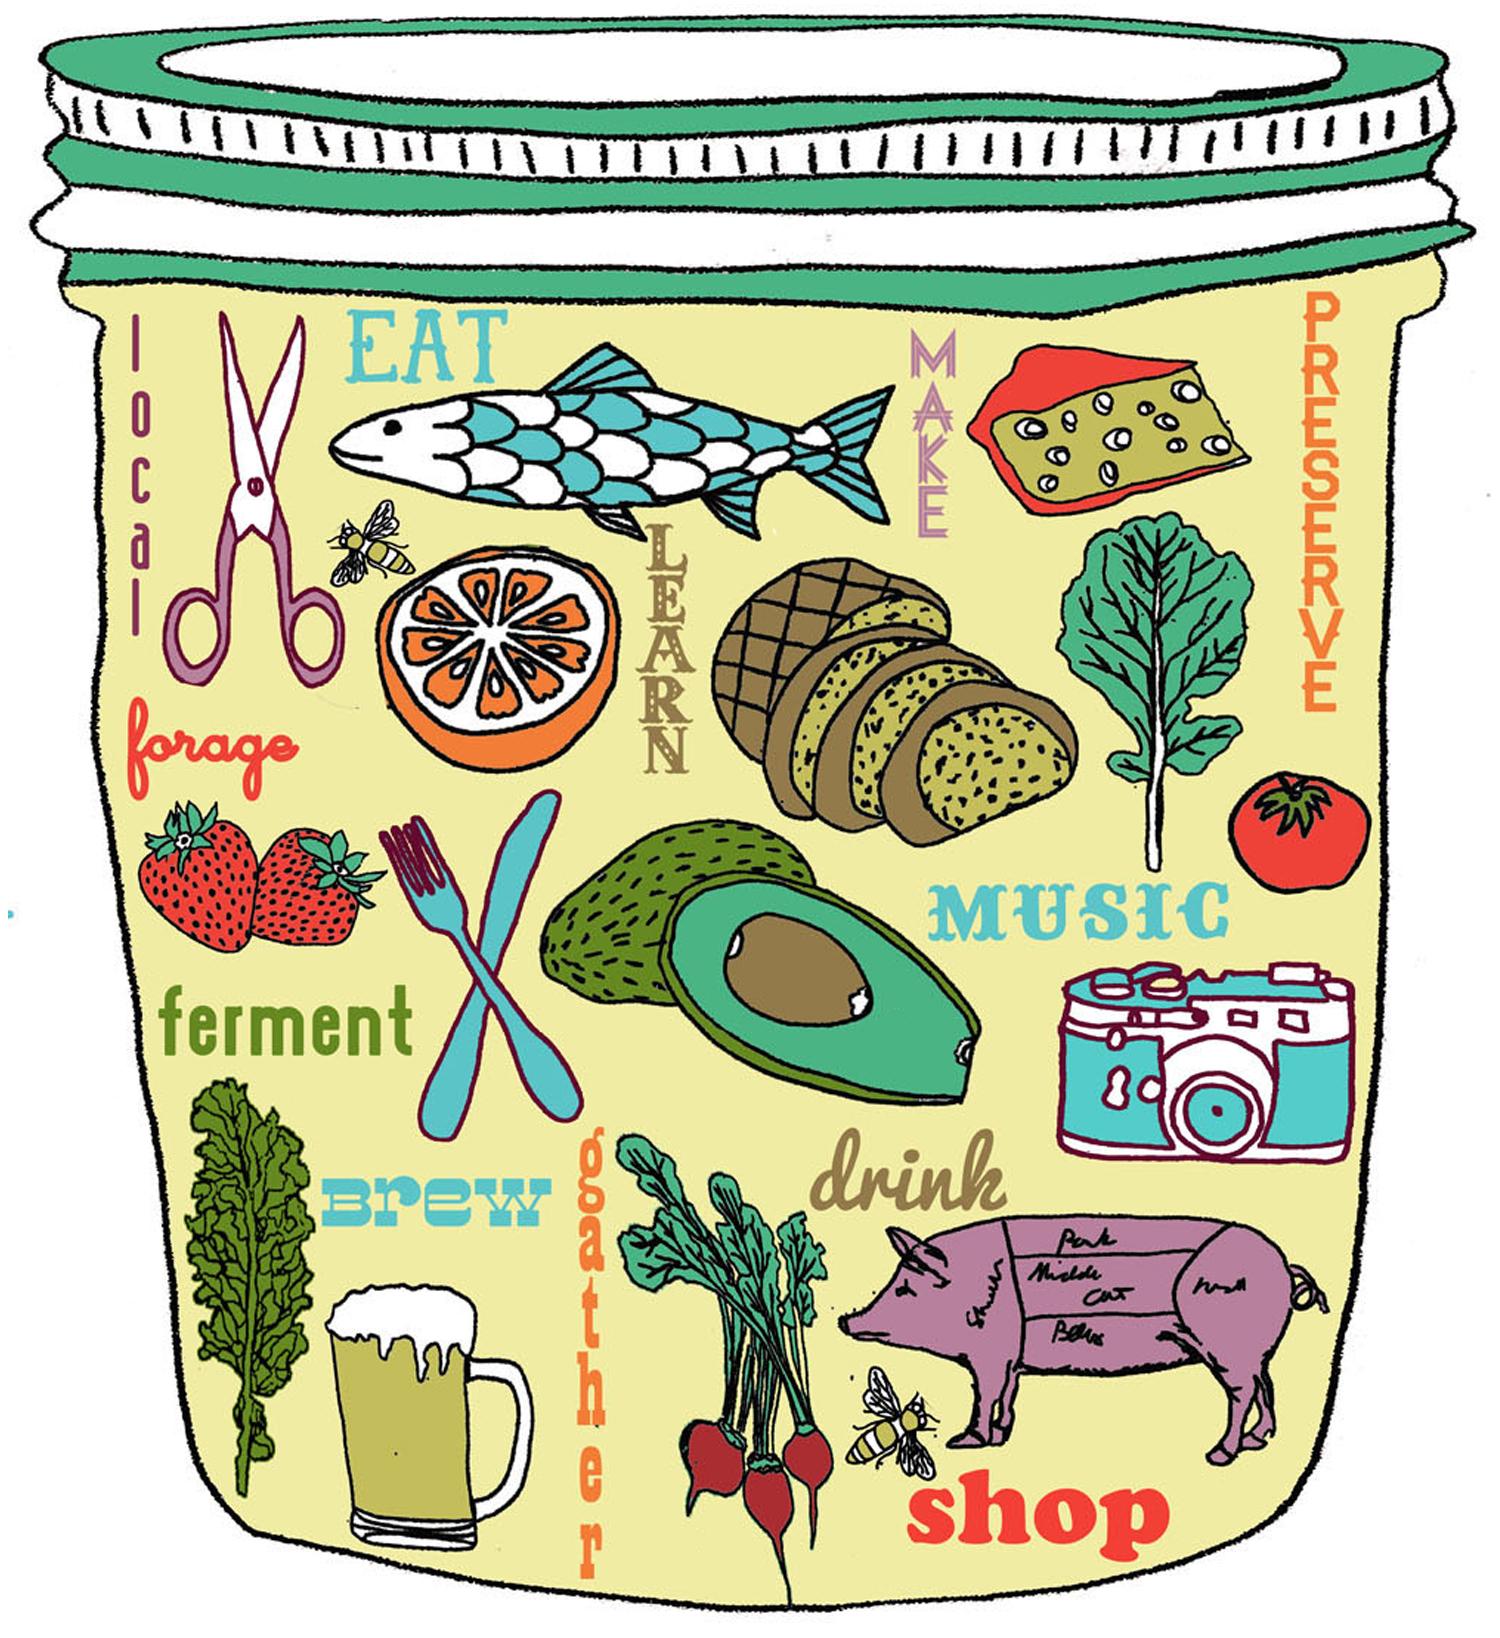 mason jar fruit food vegetable drawing illustration nicole stevenson studio.jpg